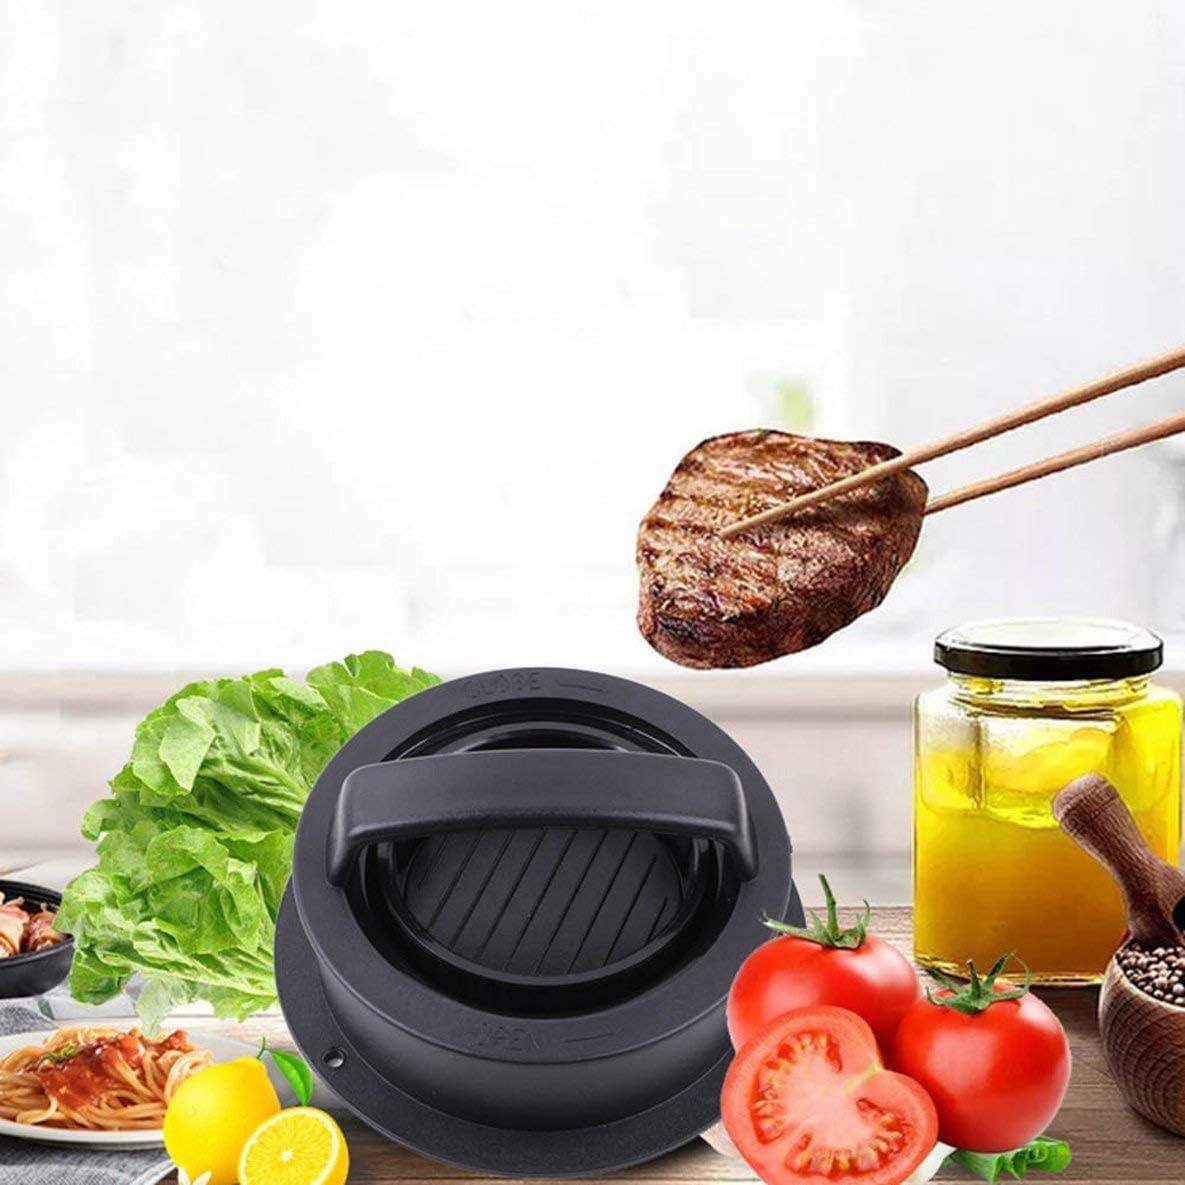 Stampo per carne portatile leggero Stampo combinato per hamburger combinato in plastica ABS Strumenti di cottura fatti in casa fai-da-te Hambuger nero Stampo per carne per hamburger